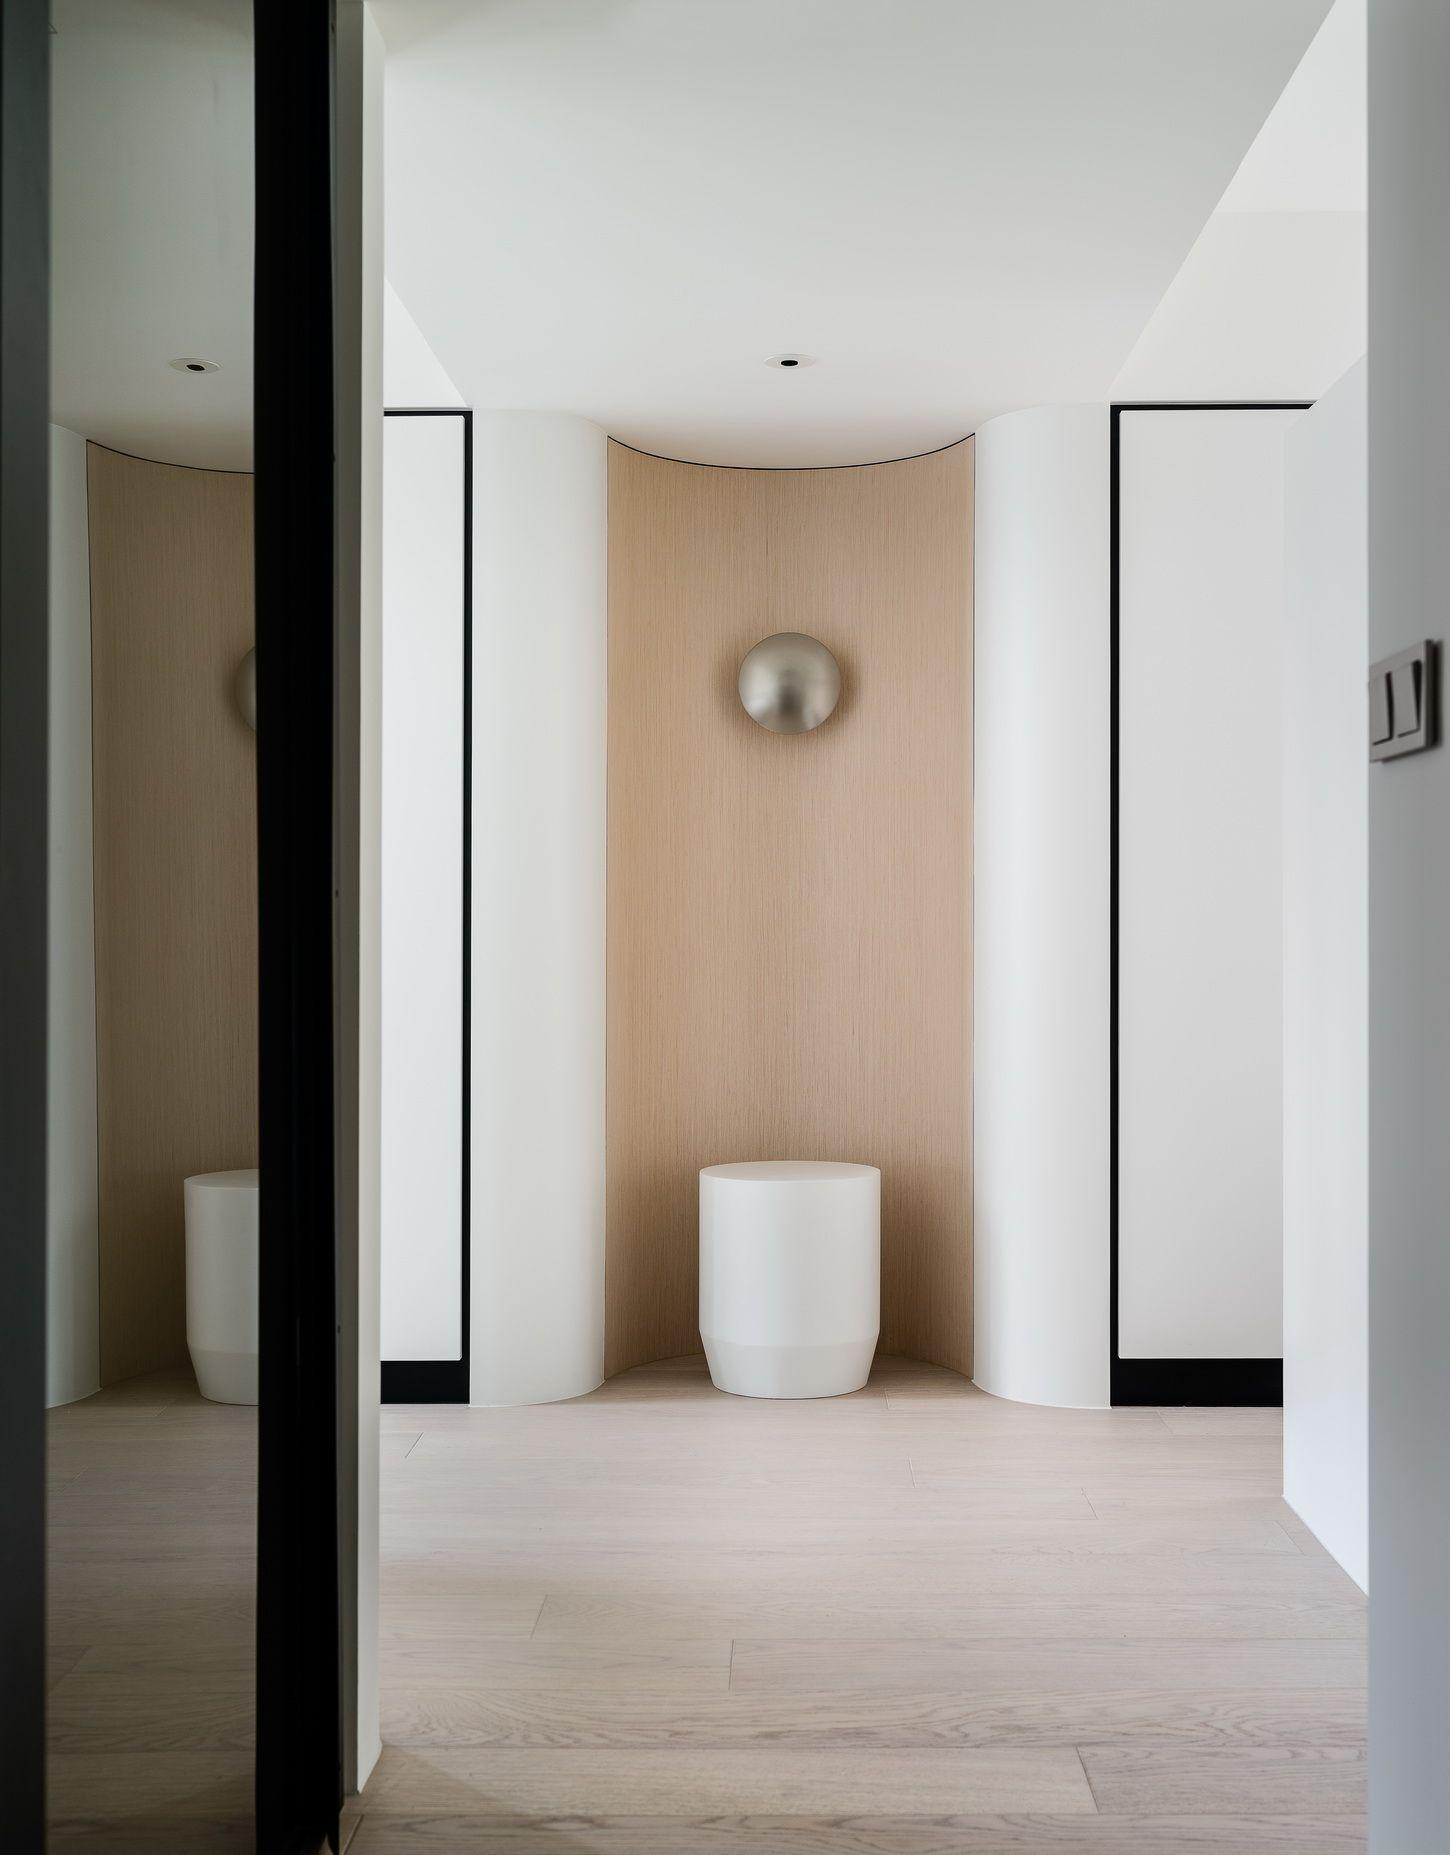 17+ Incredible Minimalist Home Budget Ideas | Modern ... on Neutral Minimalist Bedroom Ideas  id=60477